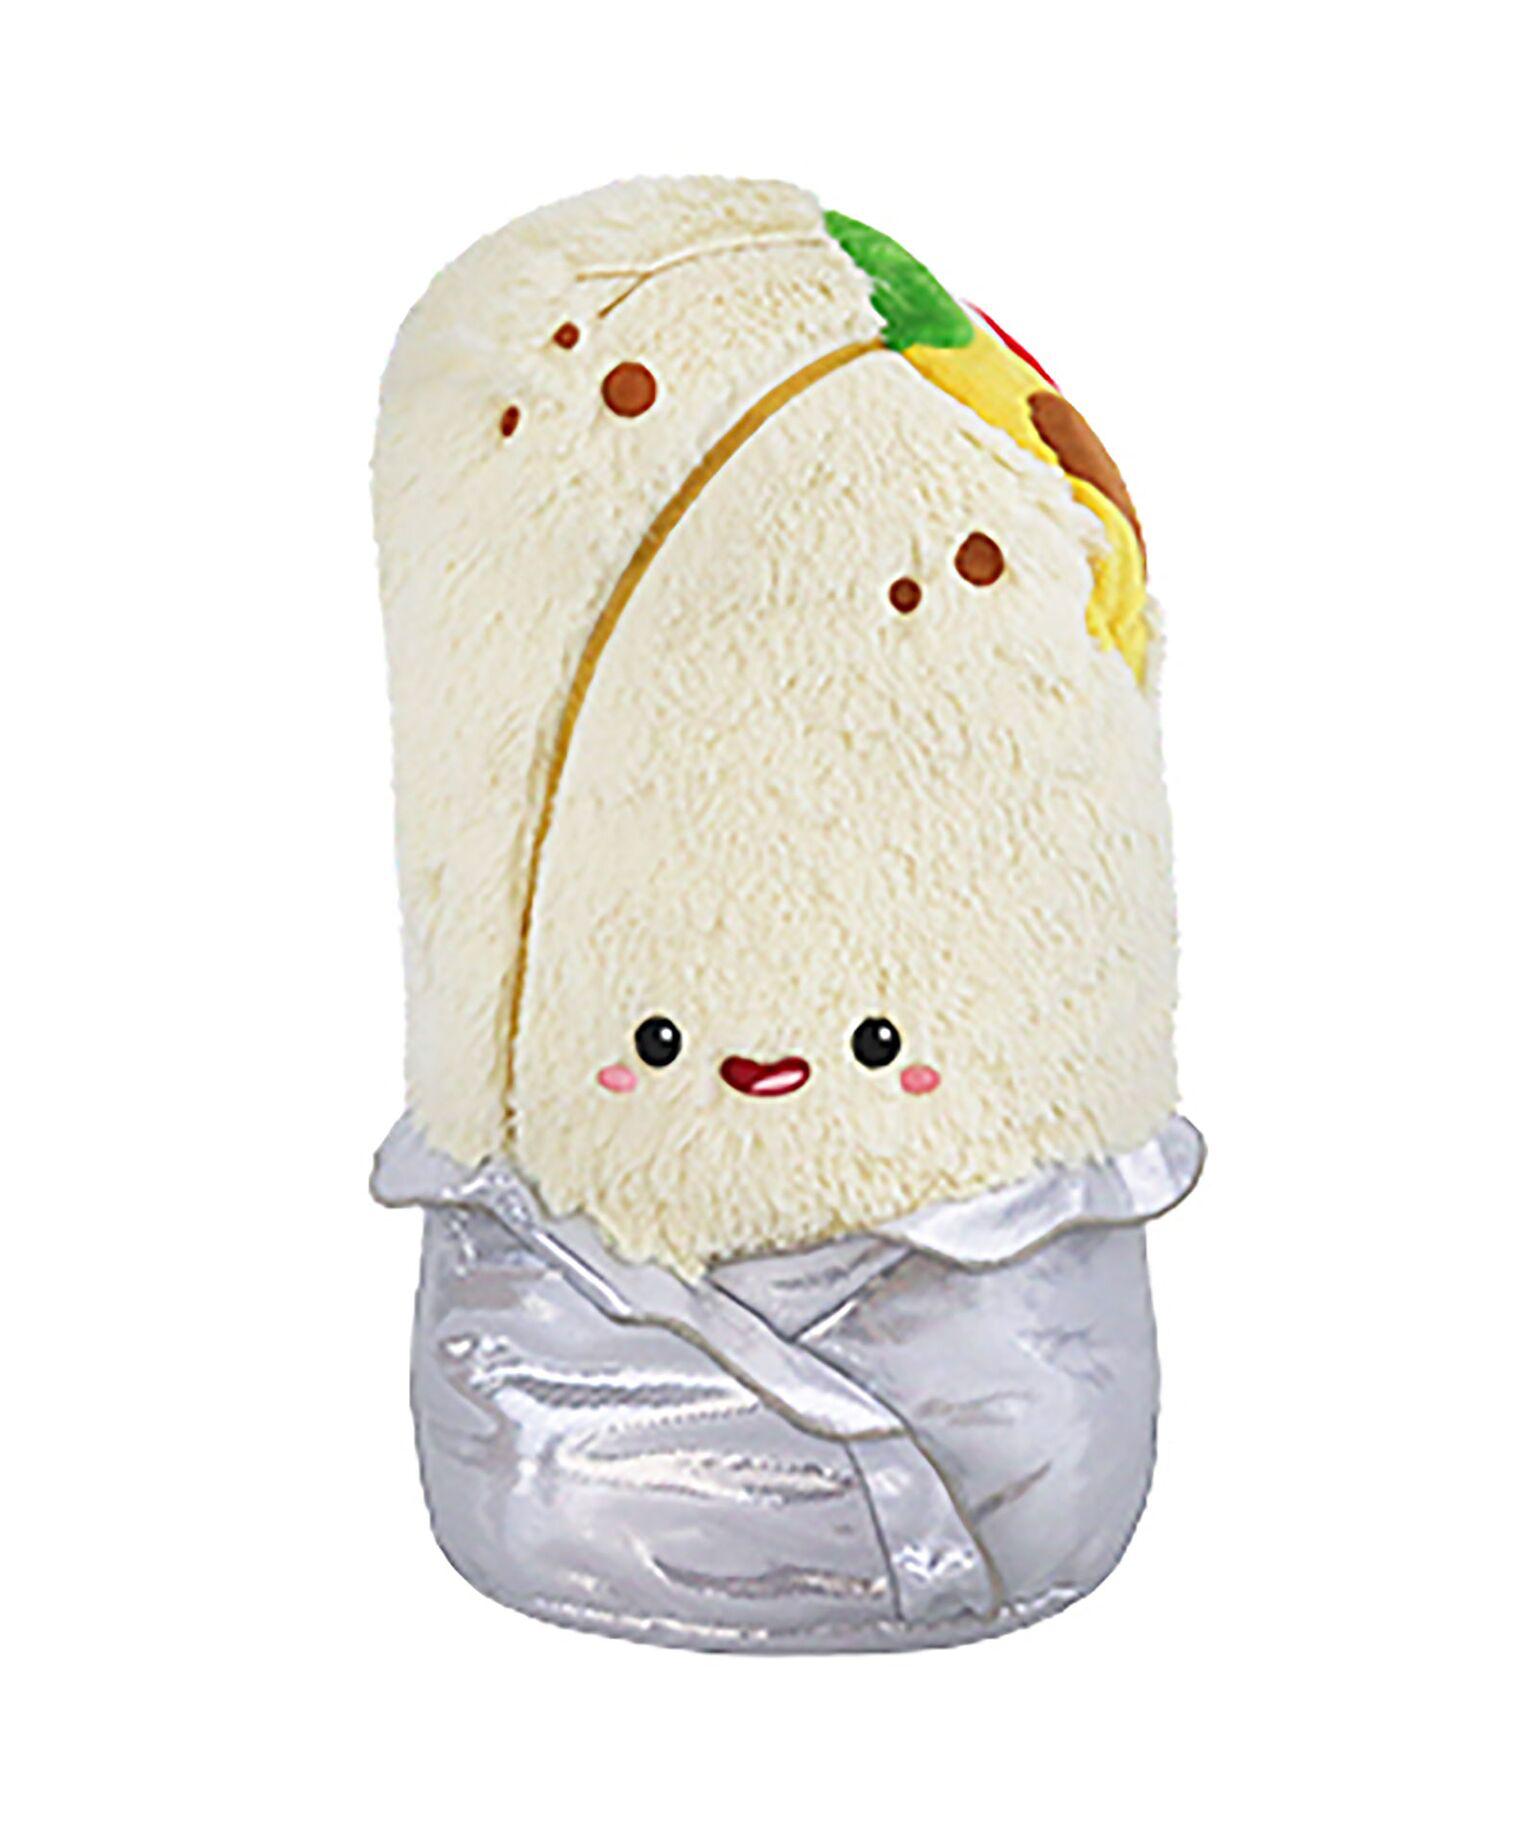 Squishable Comfort Burrito